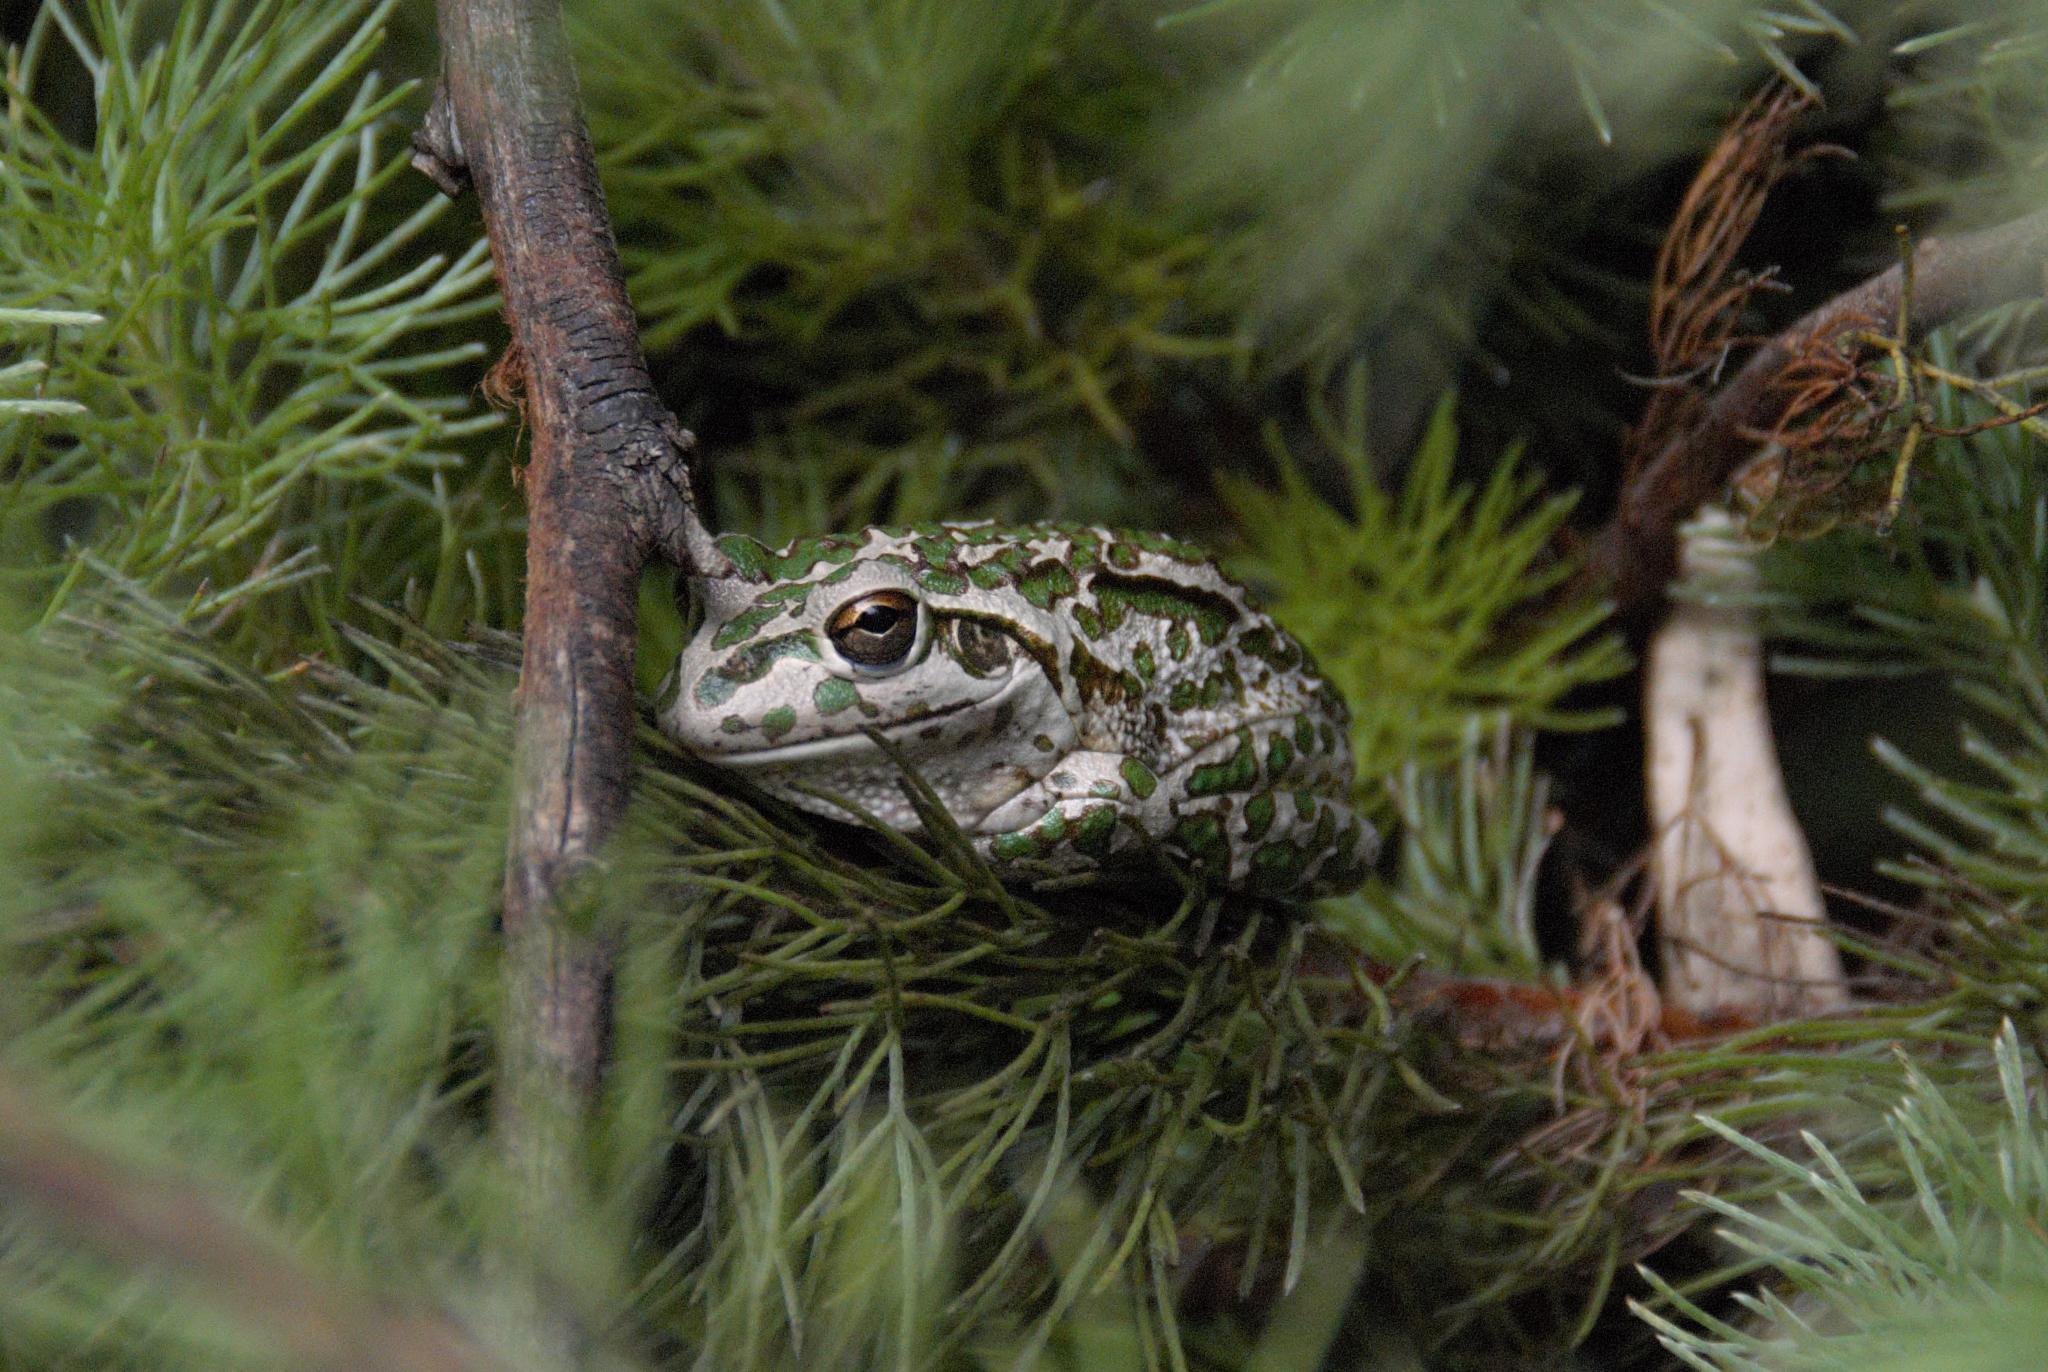 Mr Frog by Zoid359WA